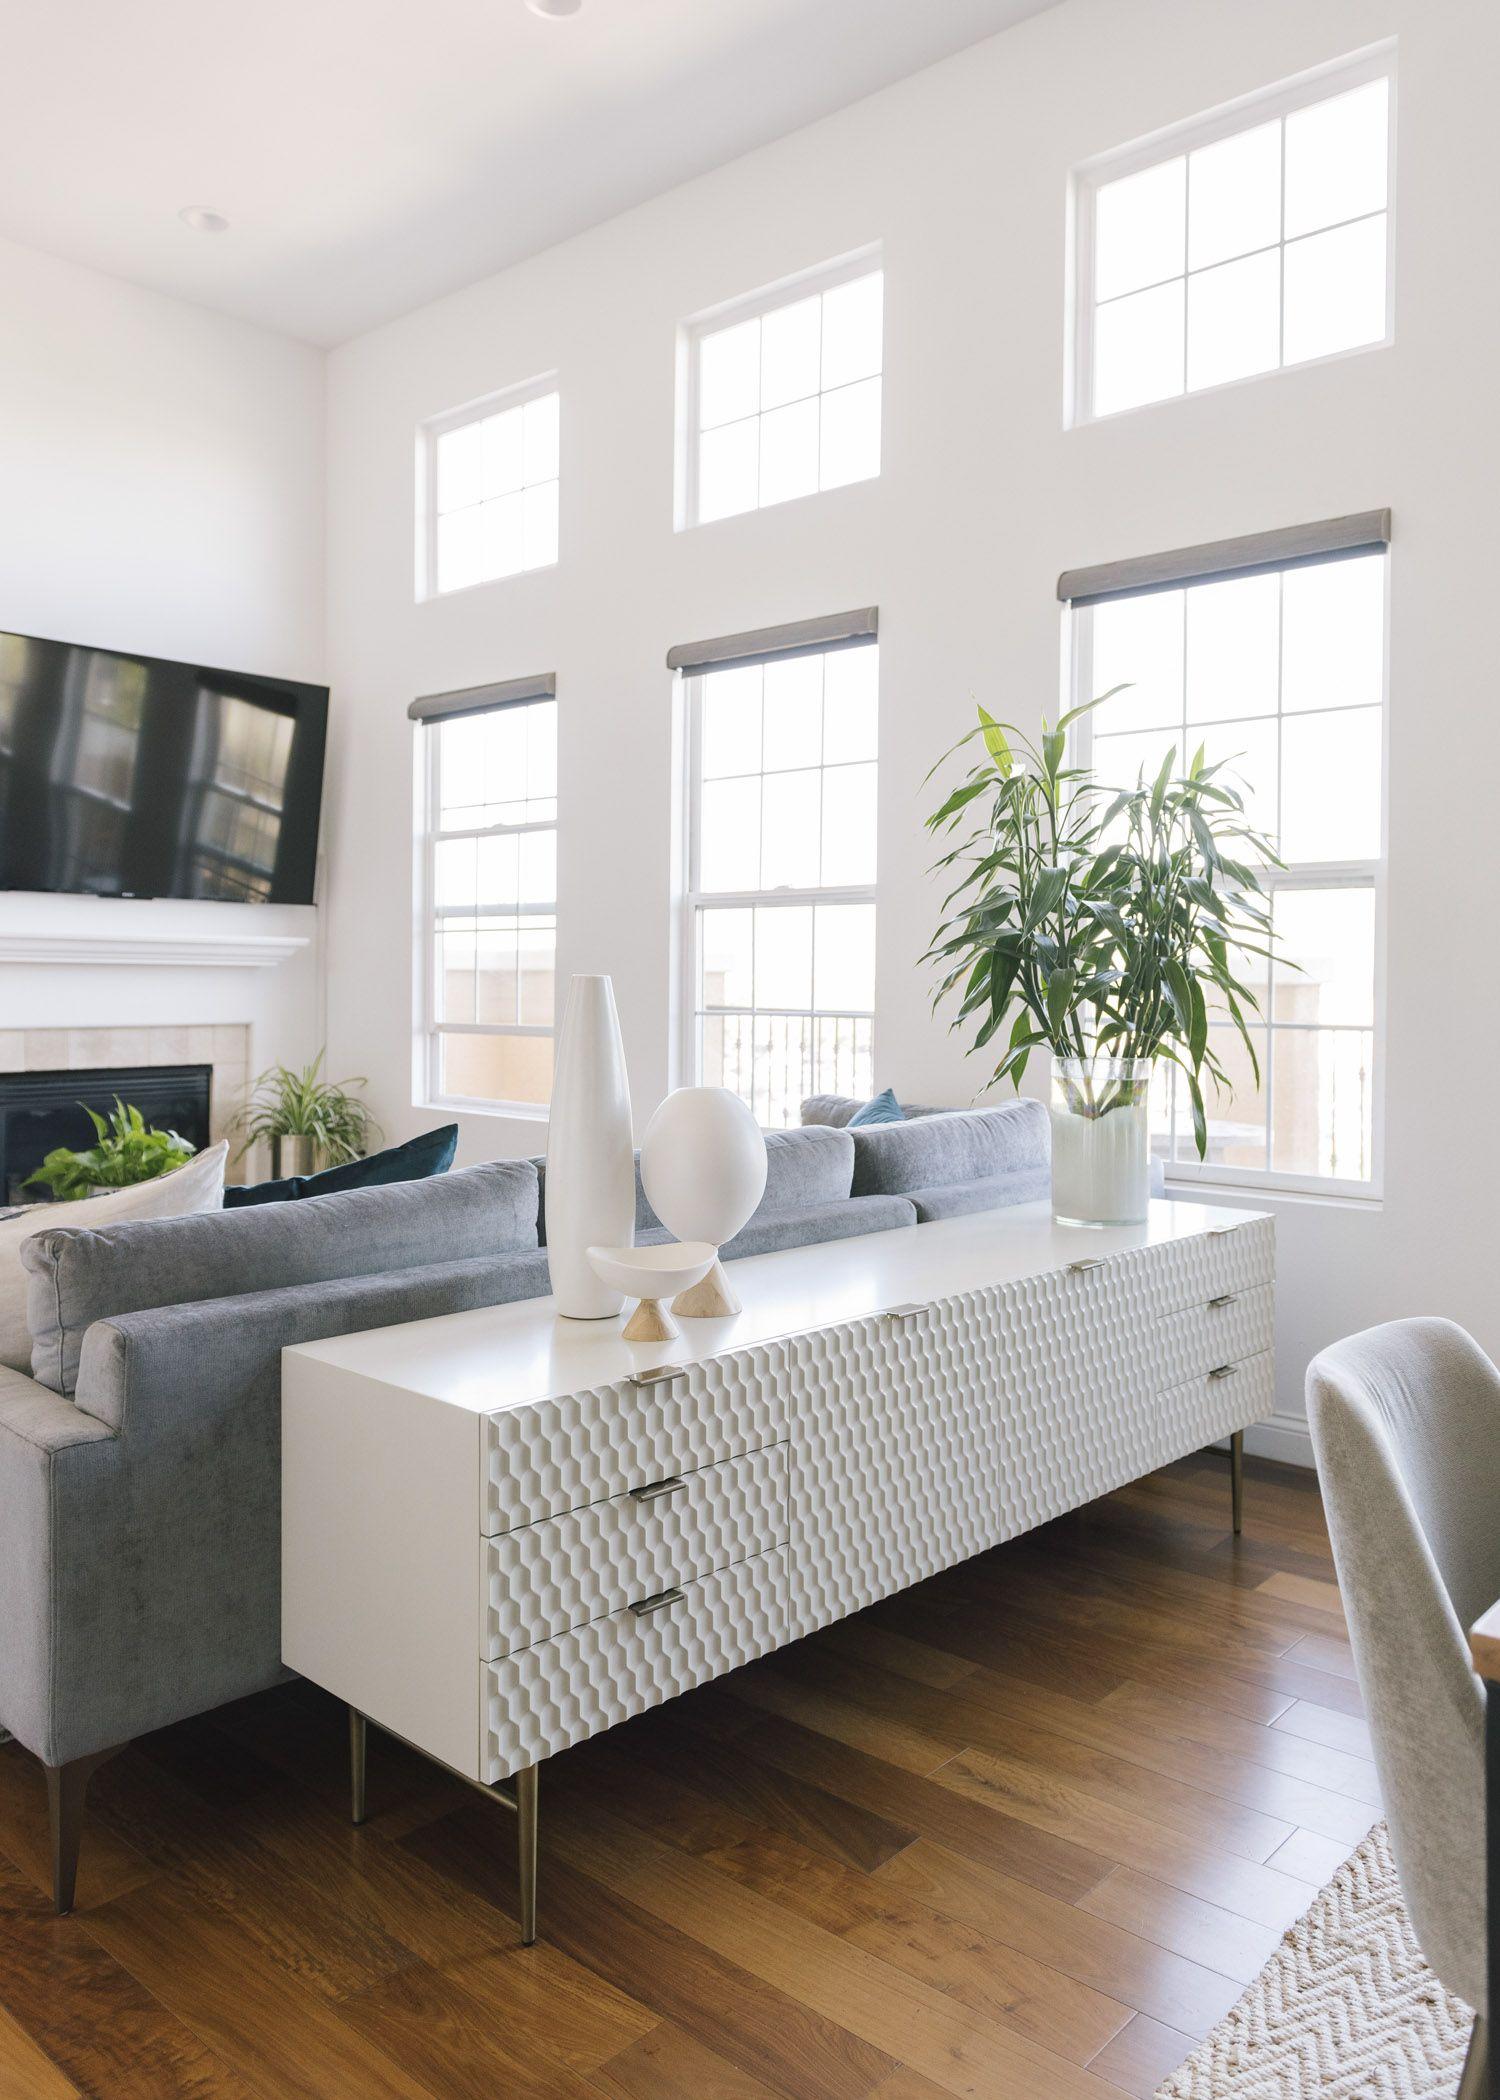 Living Room Condo Design: A Los Angeles Condo With 16-Foot Ceilings